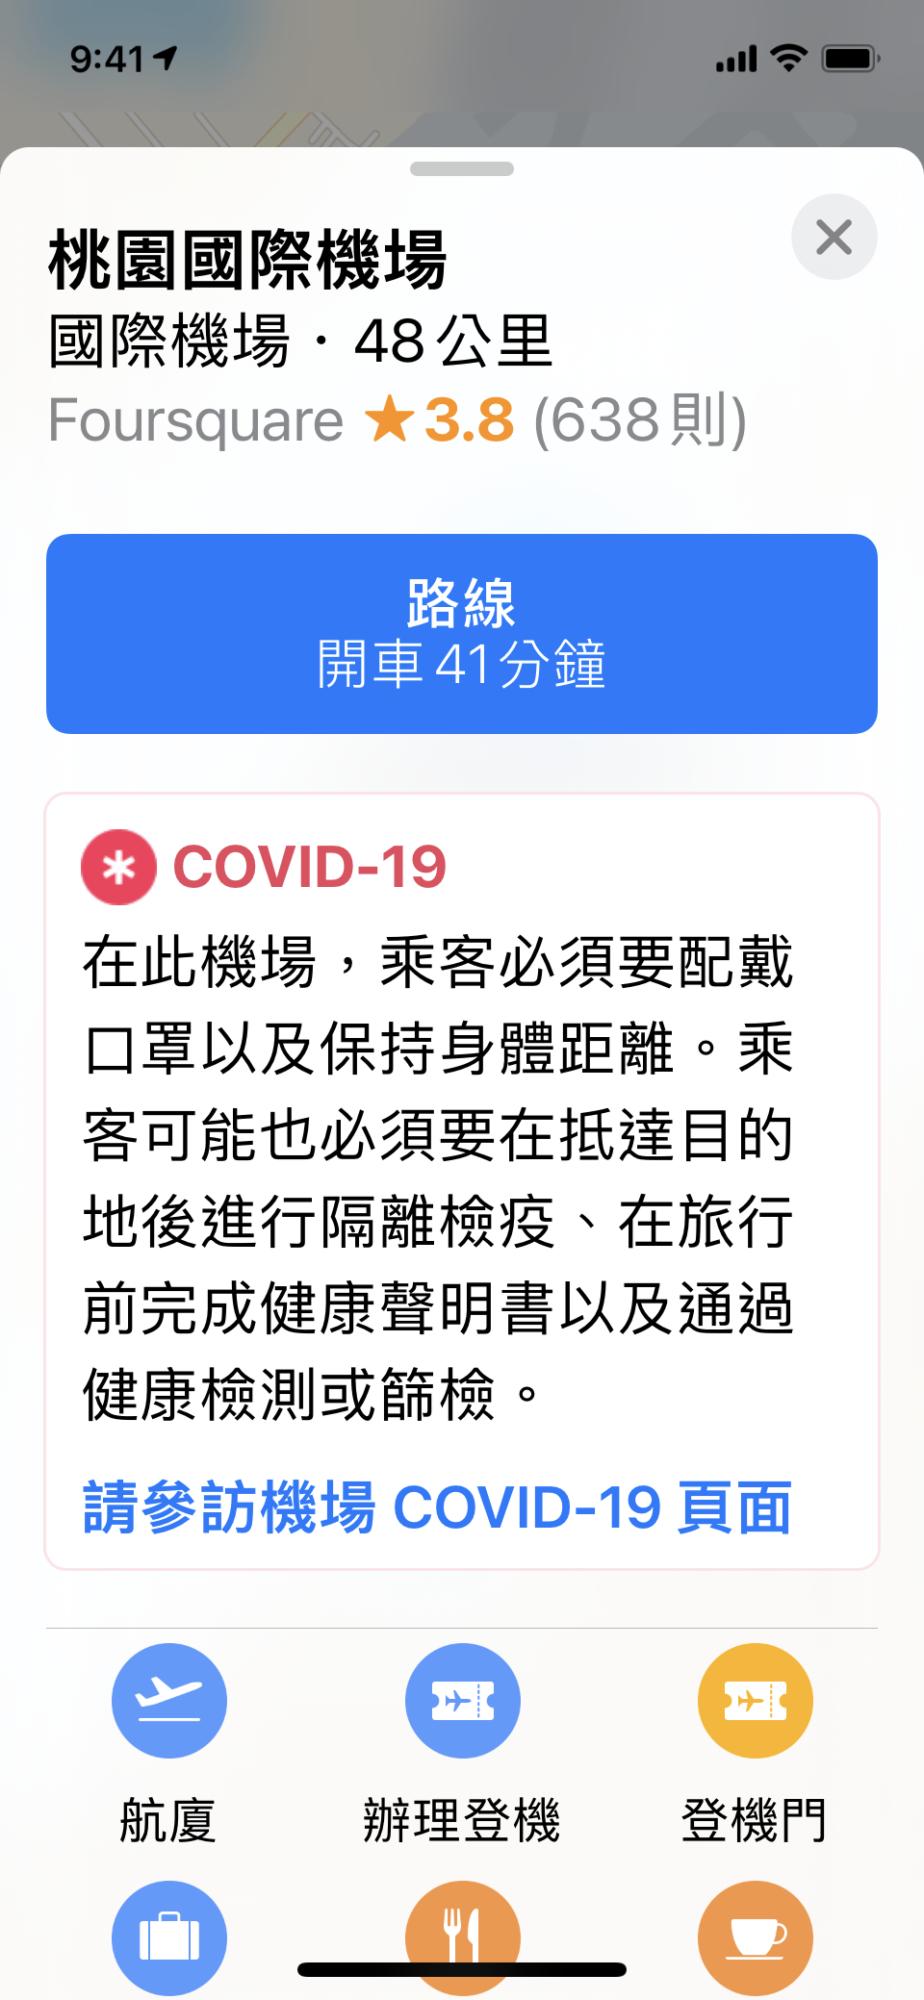 前往機場之前查看Apple Maps的COVID-19旅行指南